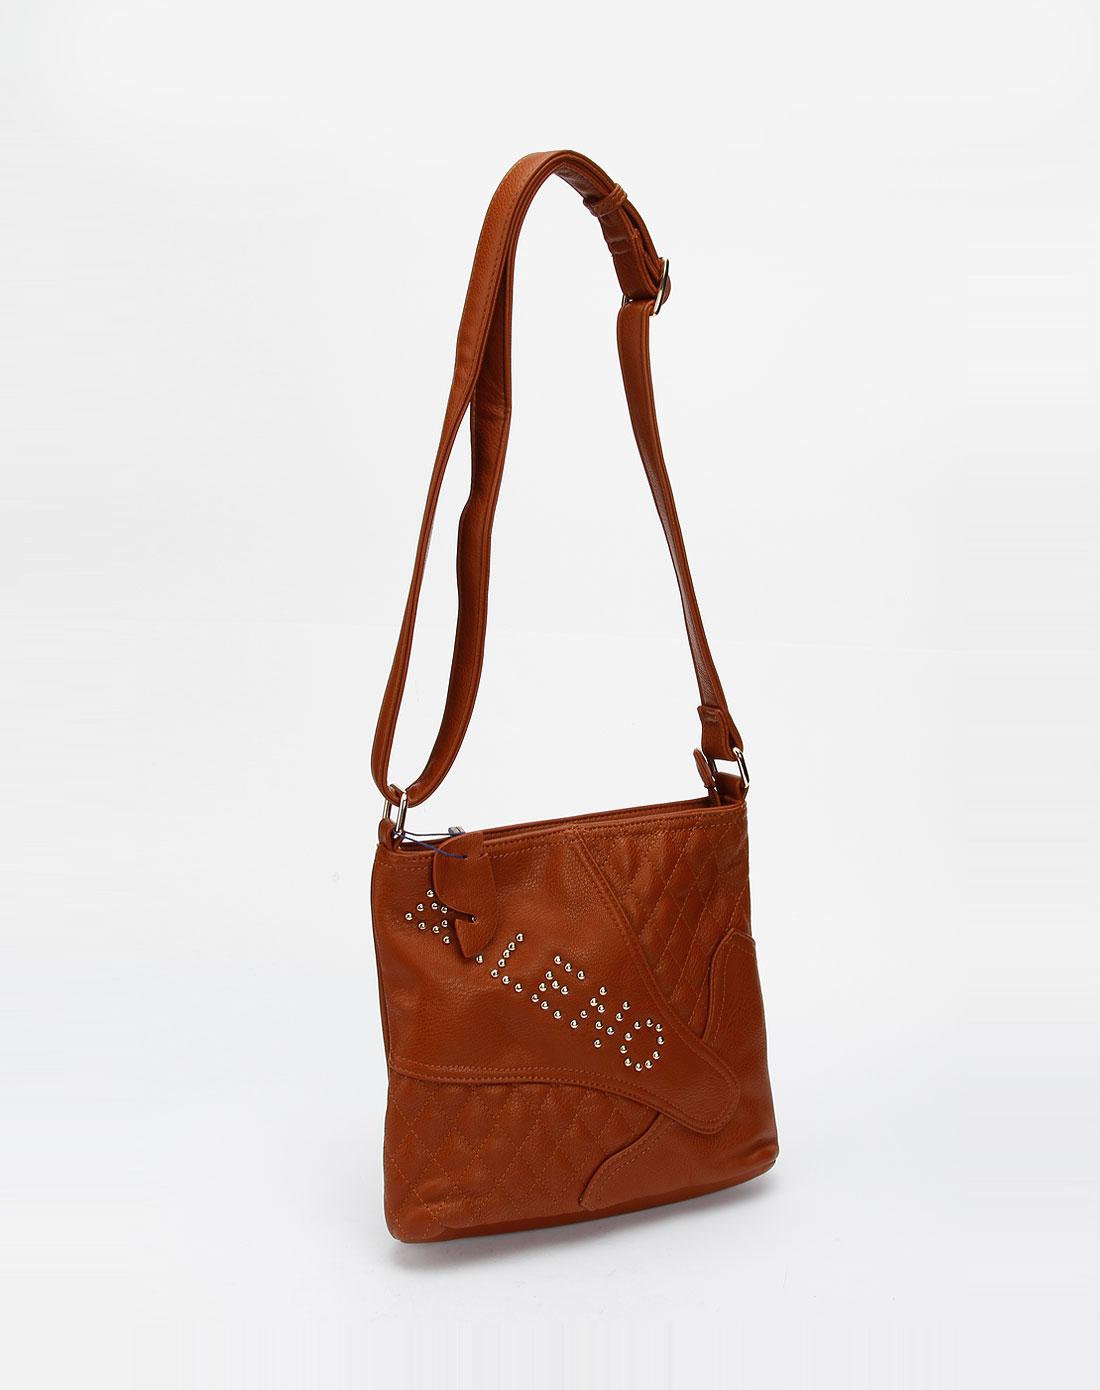 宾奴baleno女款棕色时尚休闲斜挎包1fh080210-01830